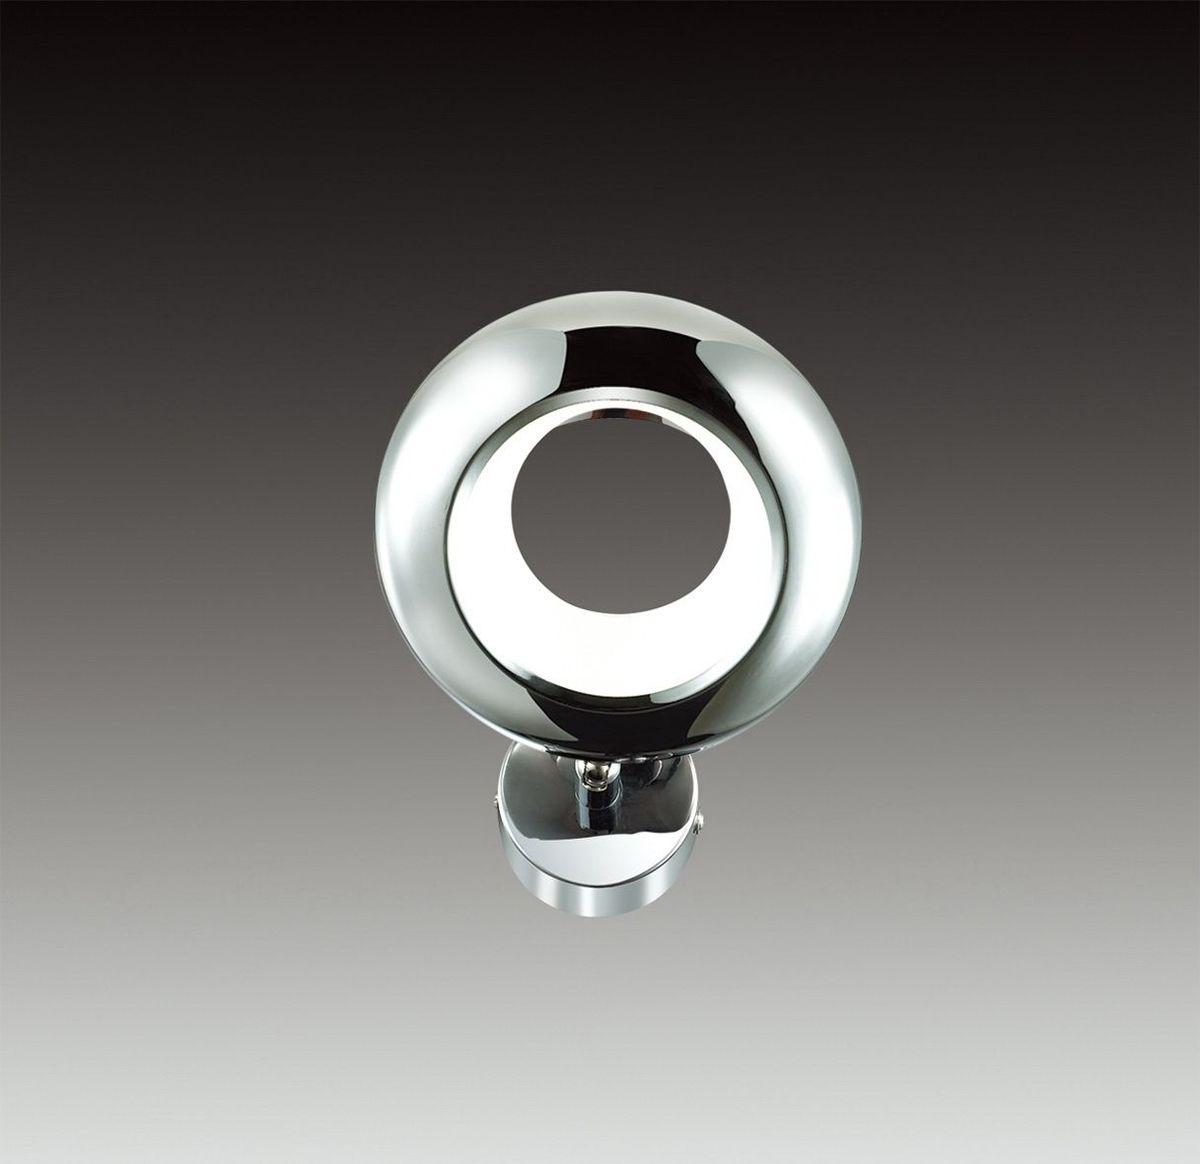 Светильник настенный Odeon Light Taron, 1 х LED, 6W. 2869/6W2869/6W